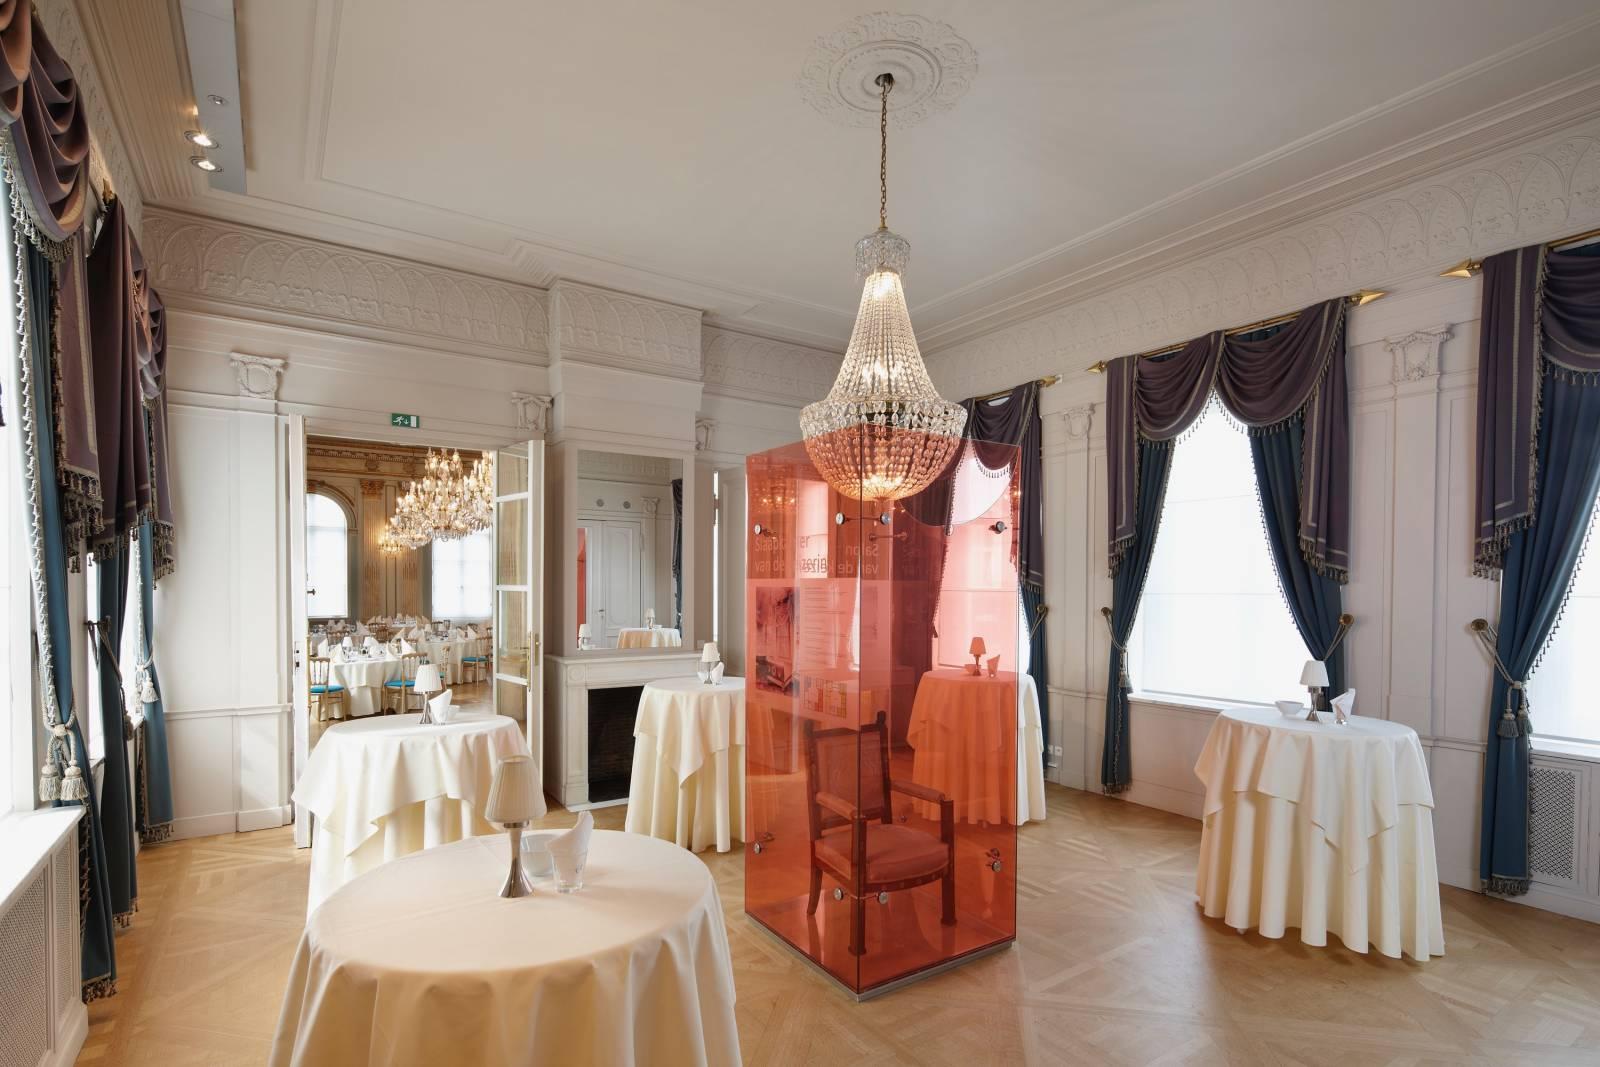 De Spiegelzaal - Feestzaal op de Meir - Antwerpen - House of Weddings - 12